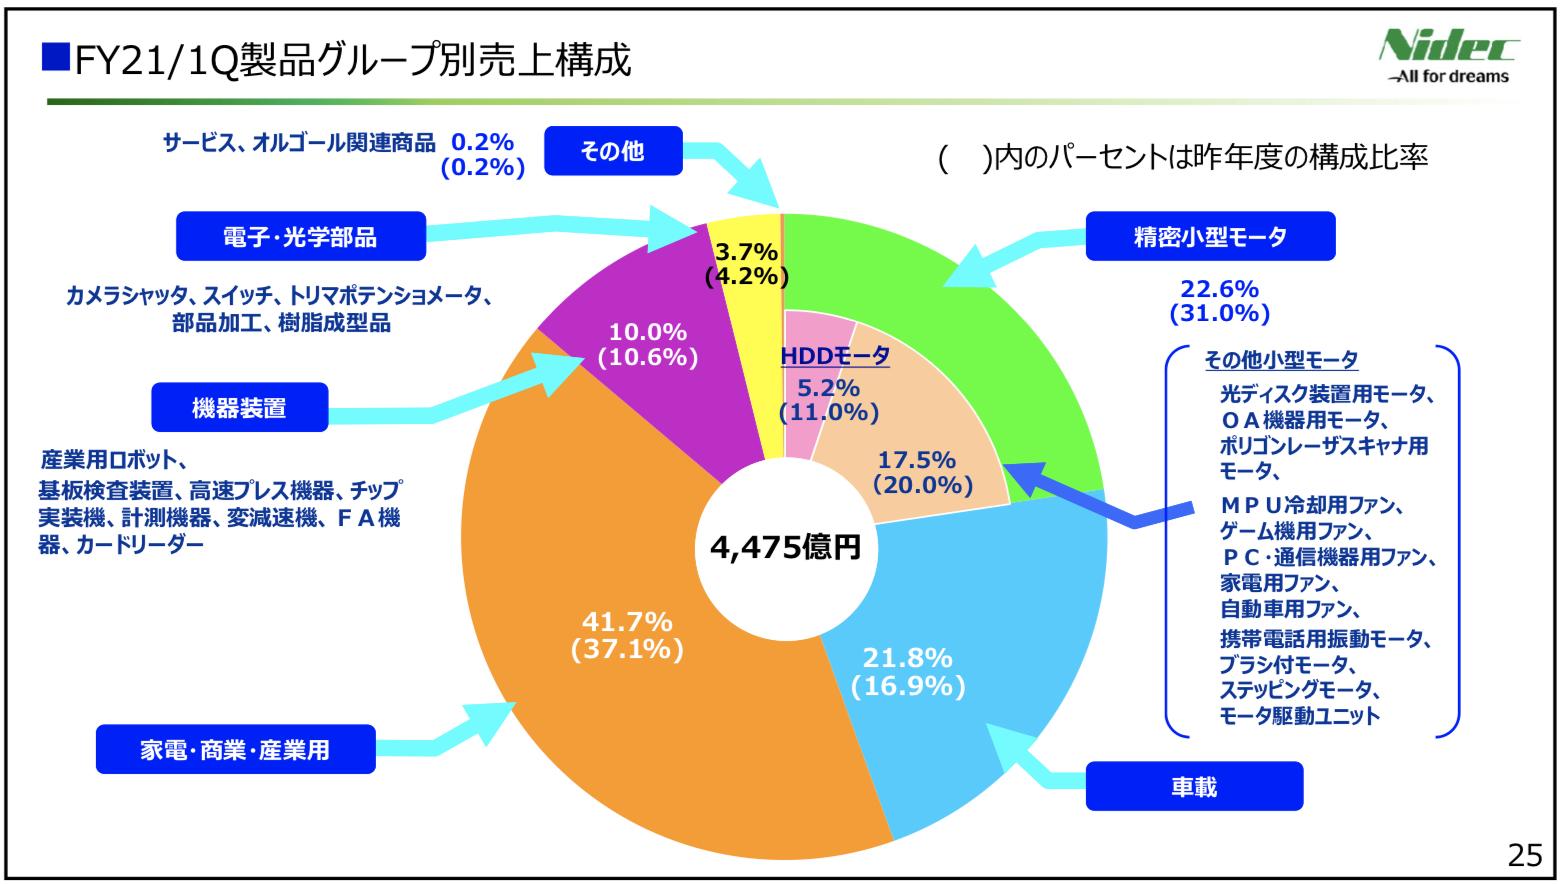 日本電産 2021年度1四半期決算を徹底解説! さとり世代の株日記 資産運用